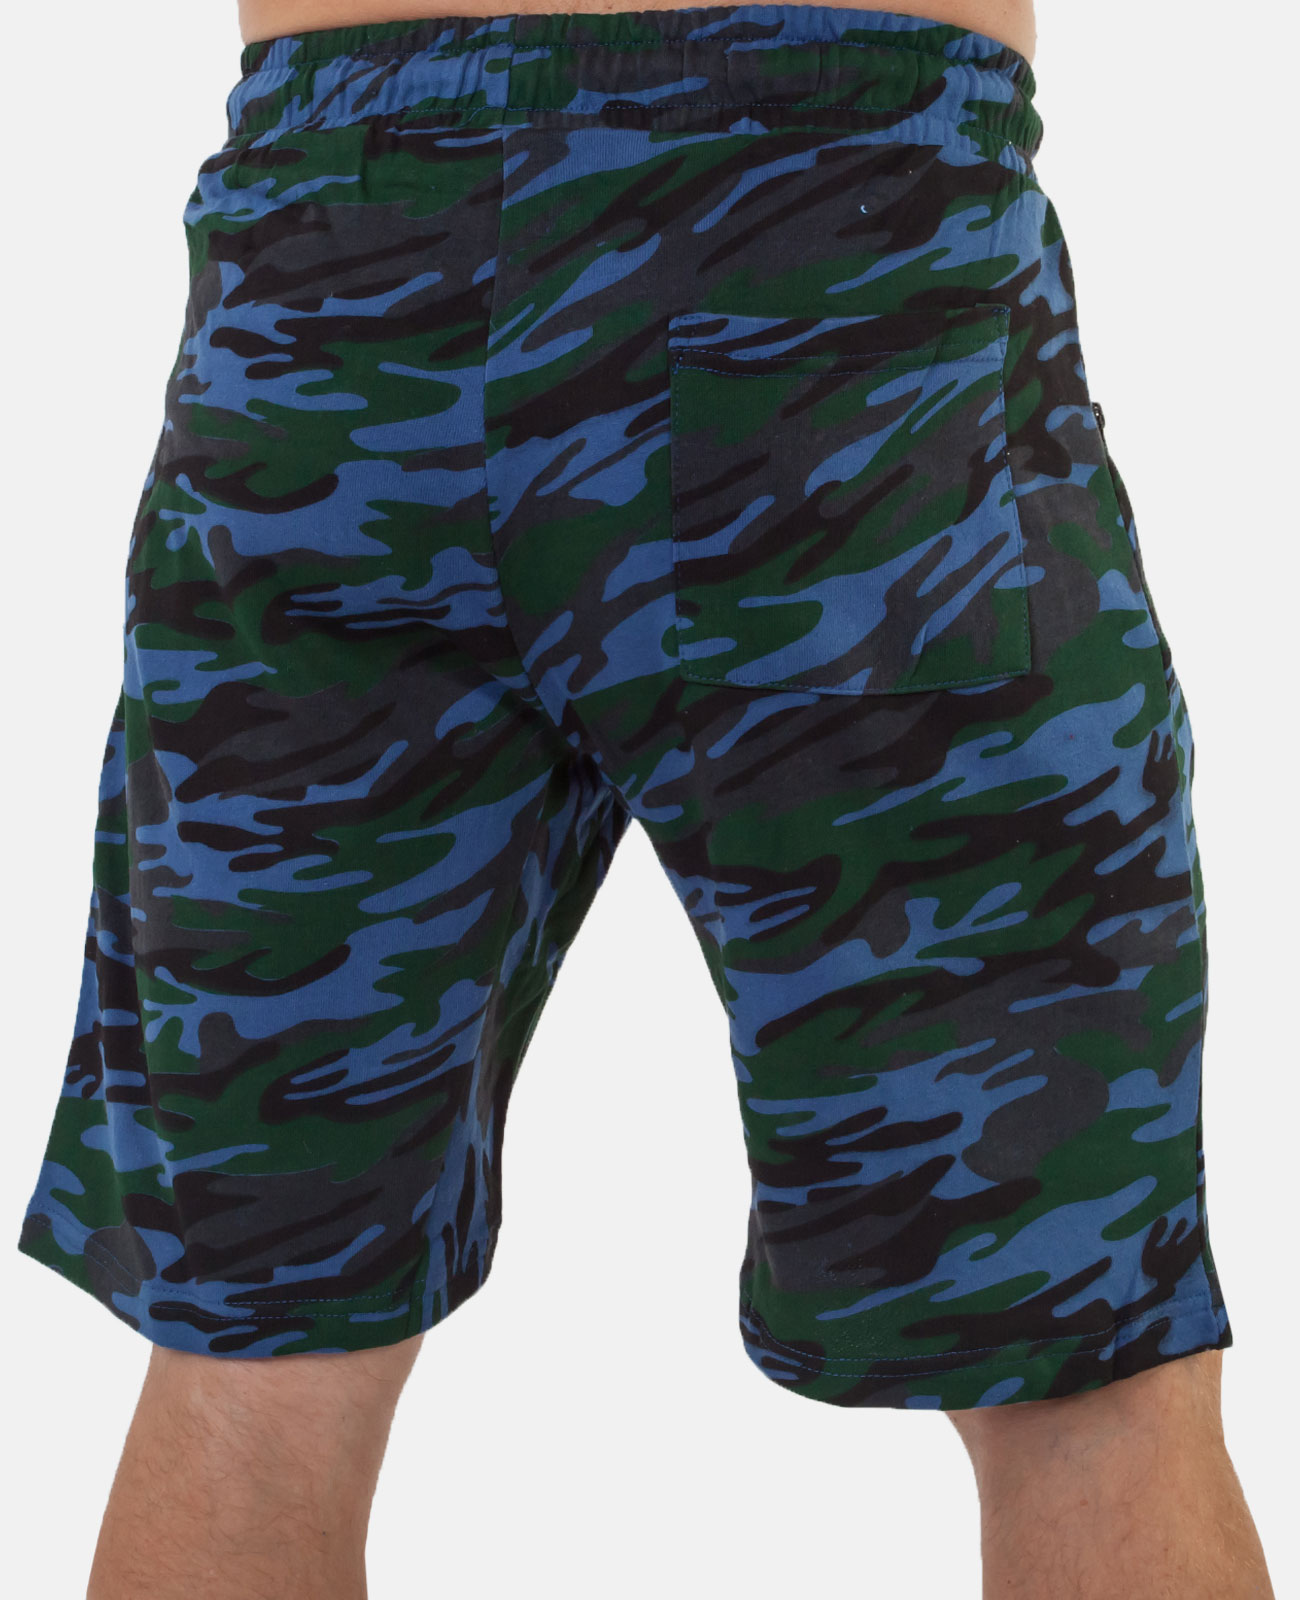 Заказать трикотажные мужские шорты с эмблемой Охотничьих войск